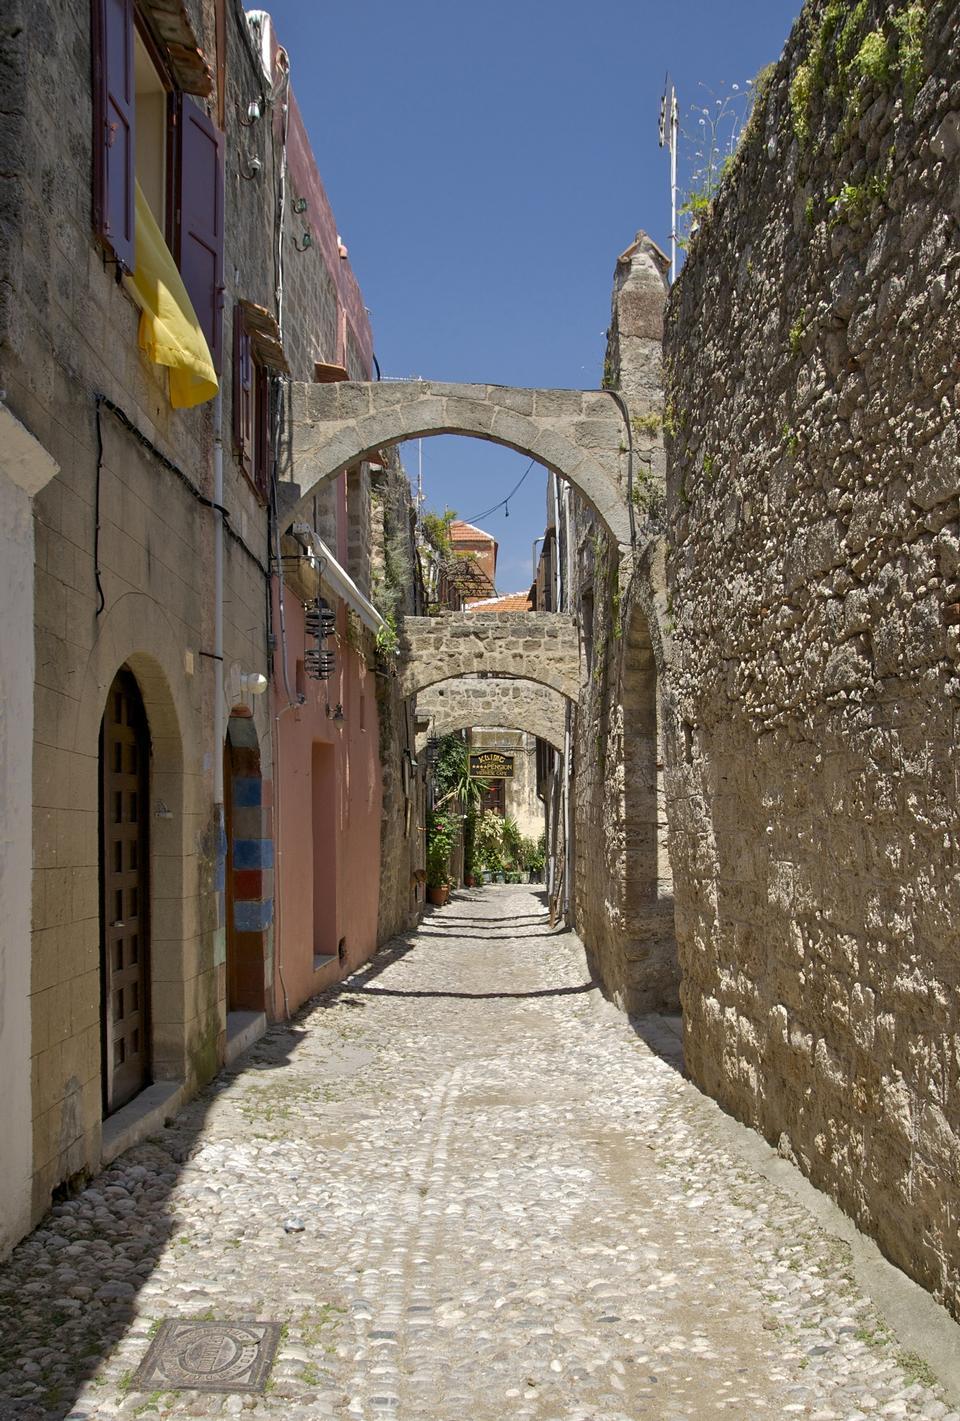 alte Straße mit Bögen, in der Nähe von Agiou Fanouriou Straße